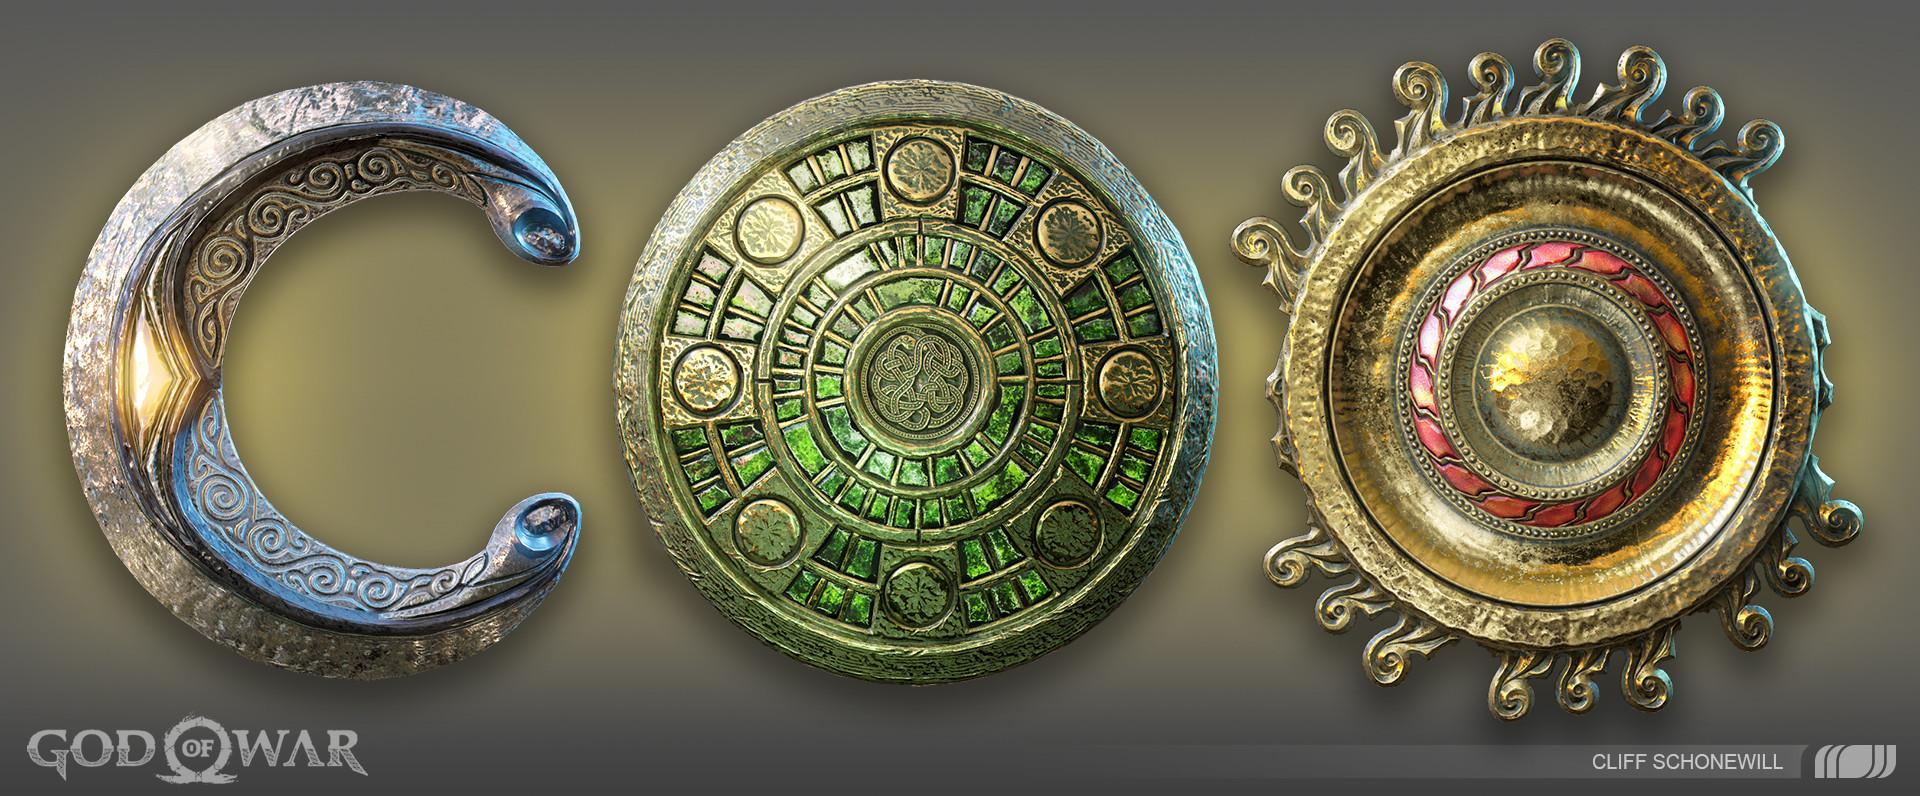 Cliff schonewill medallions